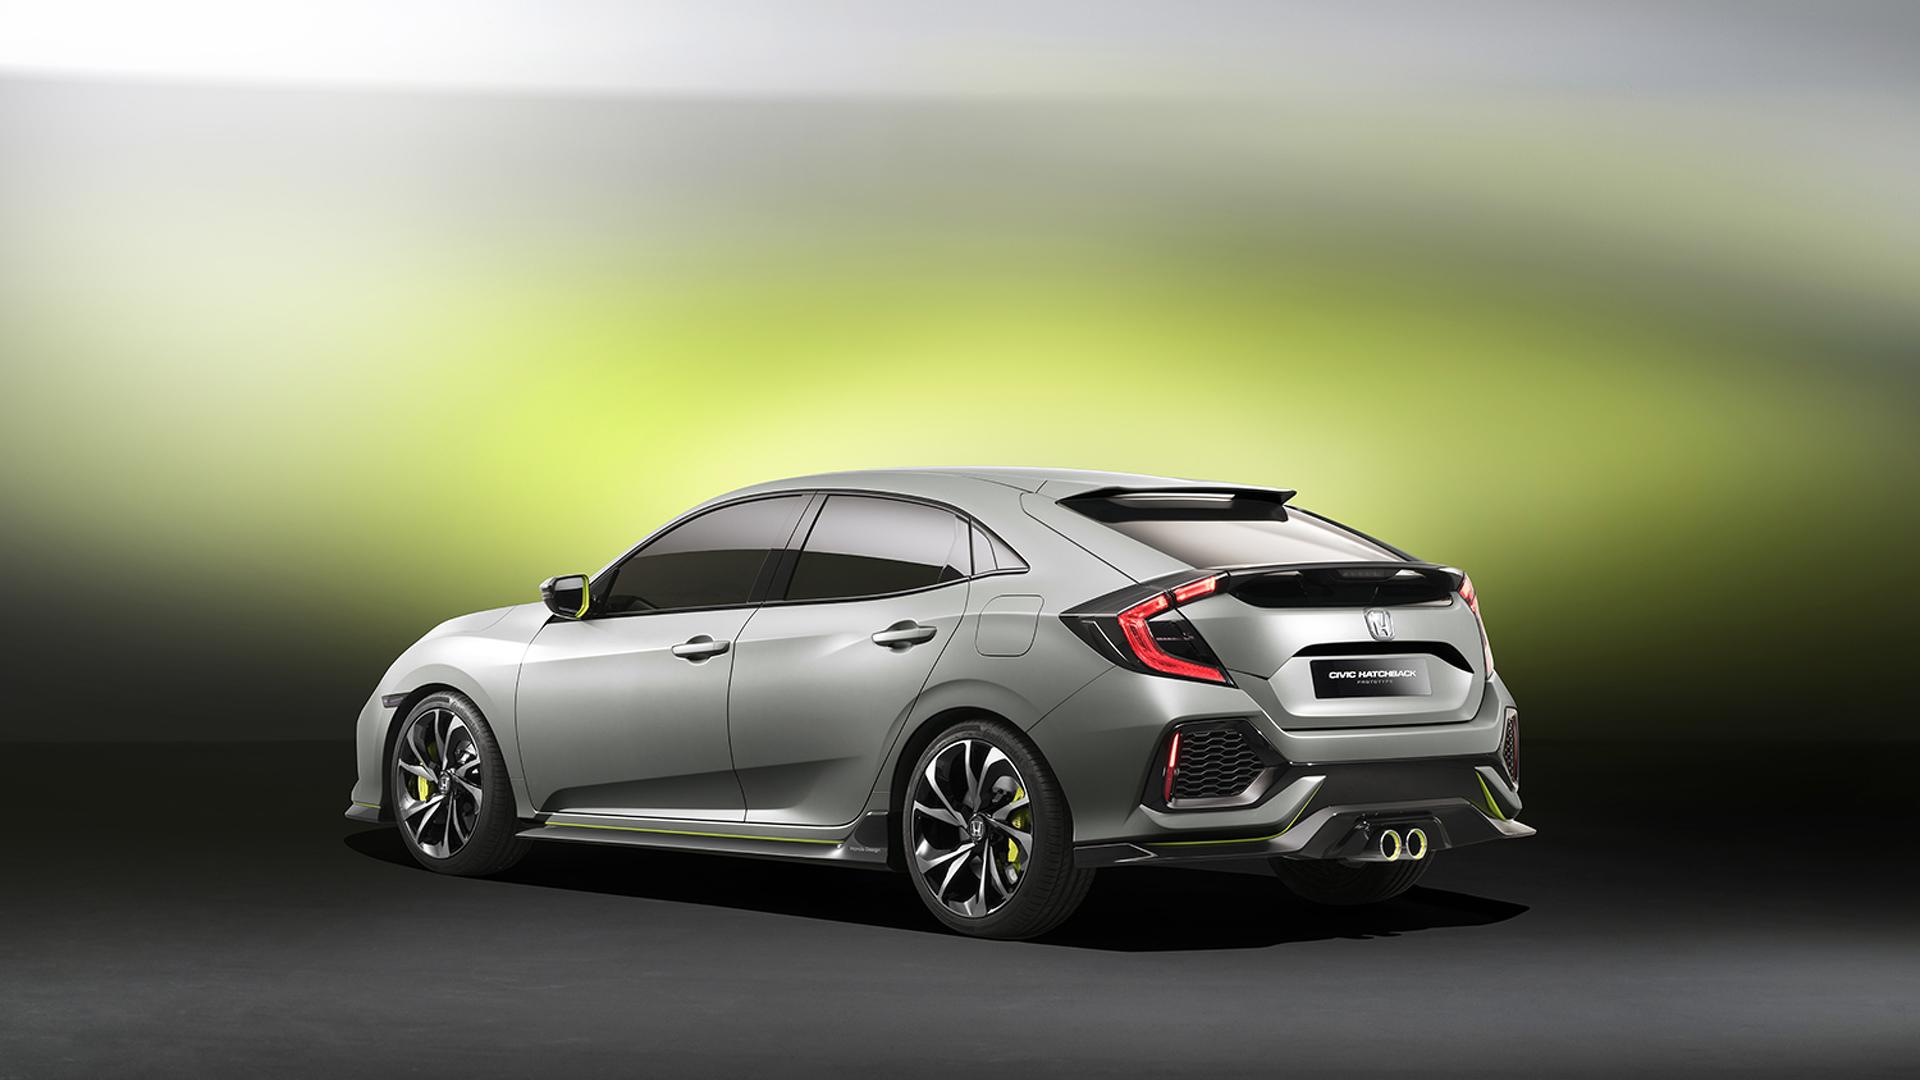 Honda Civic Hatchback Haberleri Ve Incelemeleri Motor1com